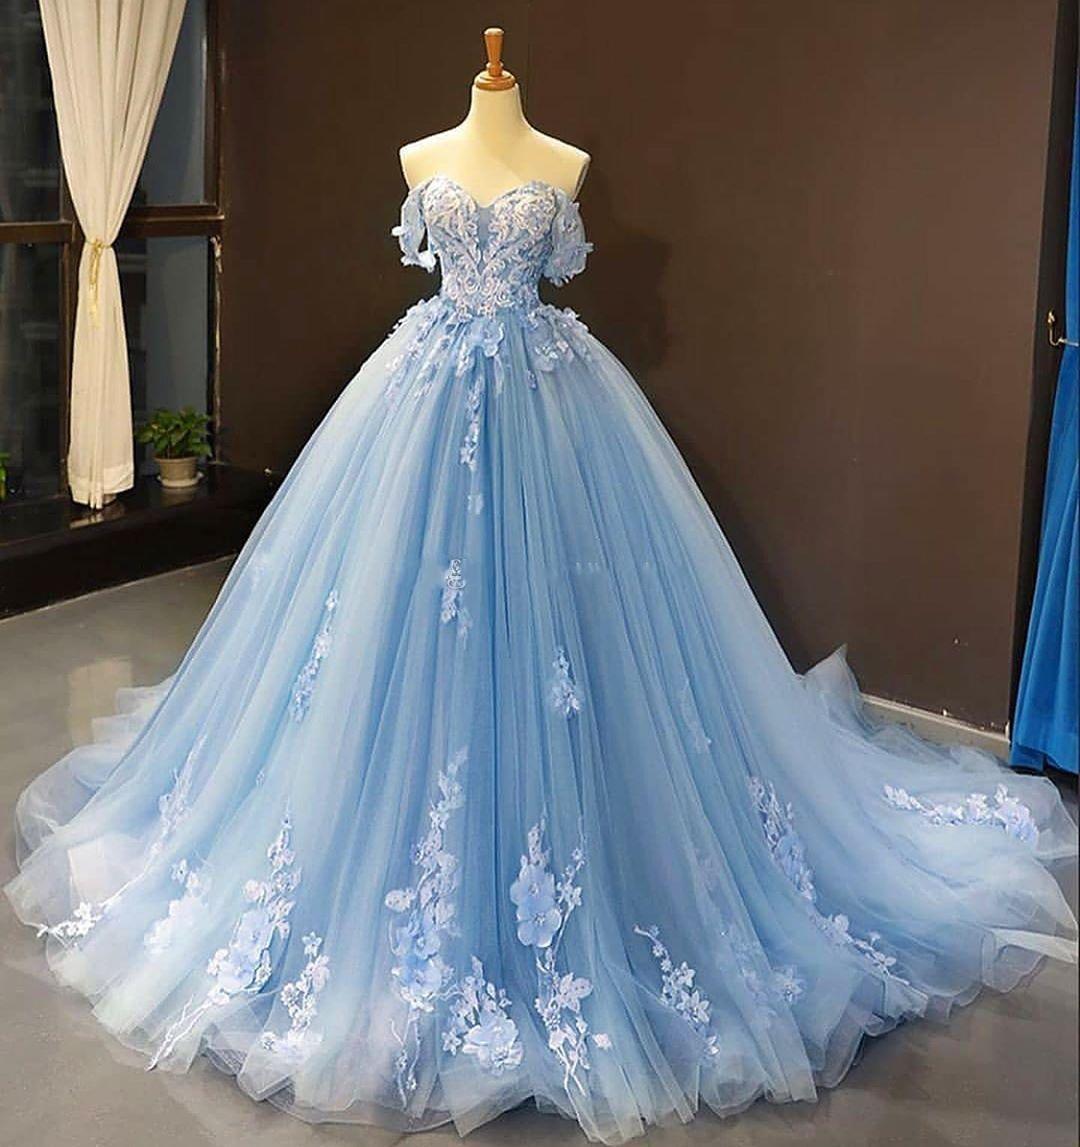 Cielo ligero azul con cuentas quinceañas vestidos fuera del hombro encaje apliqueado vestido de fiesta tul lace hacia arriba atrás princesa vestidos de noche